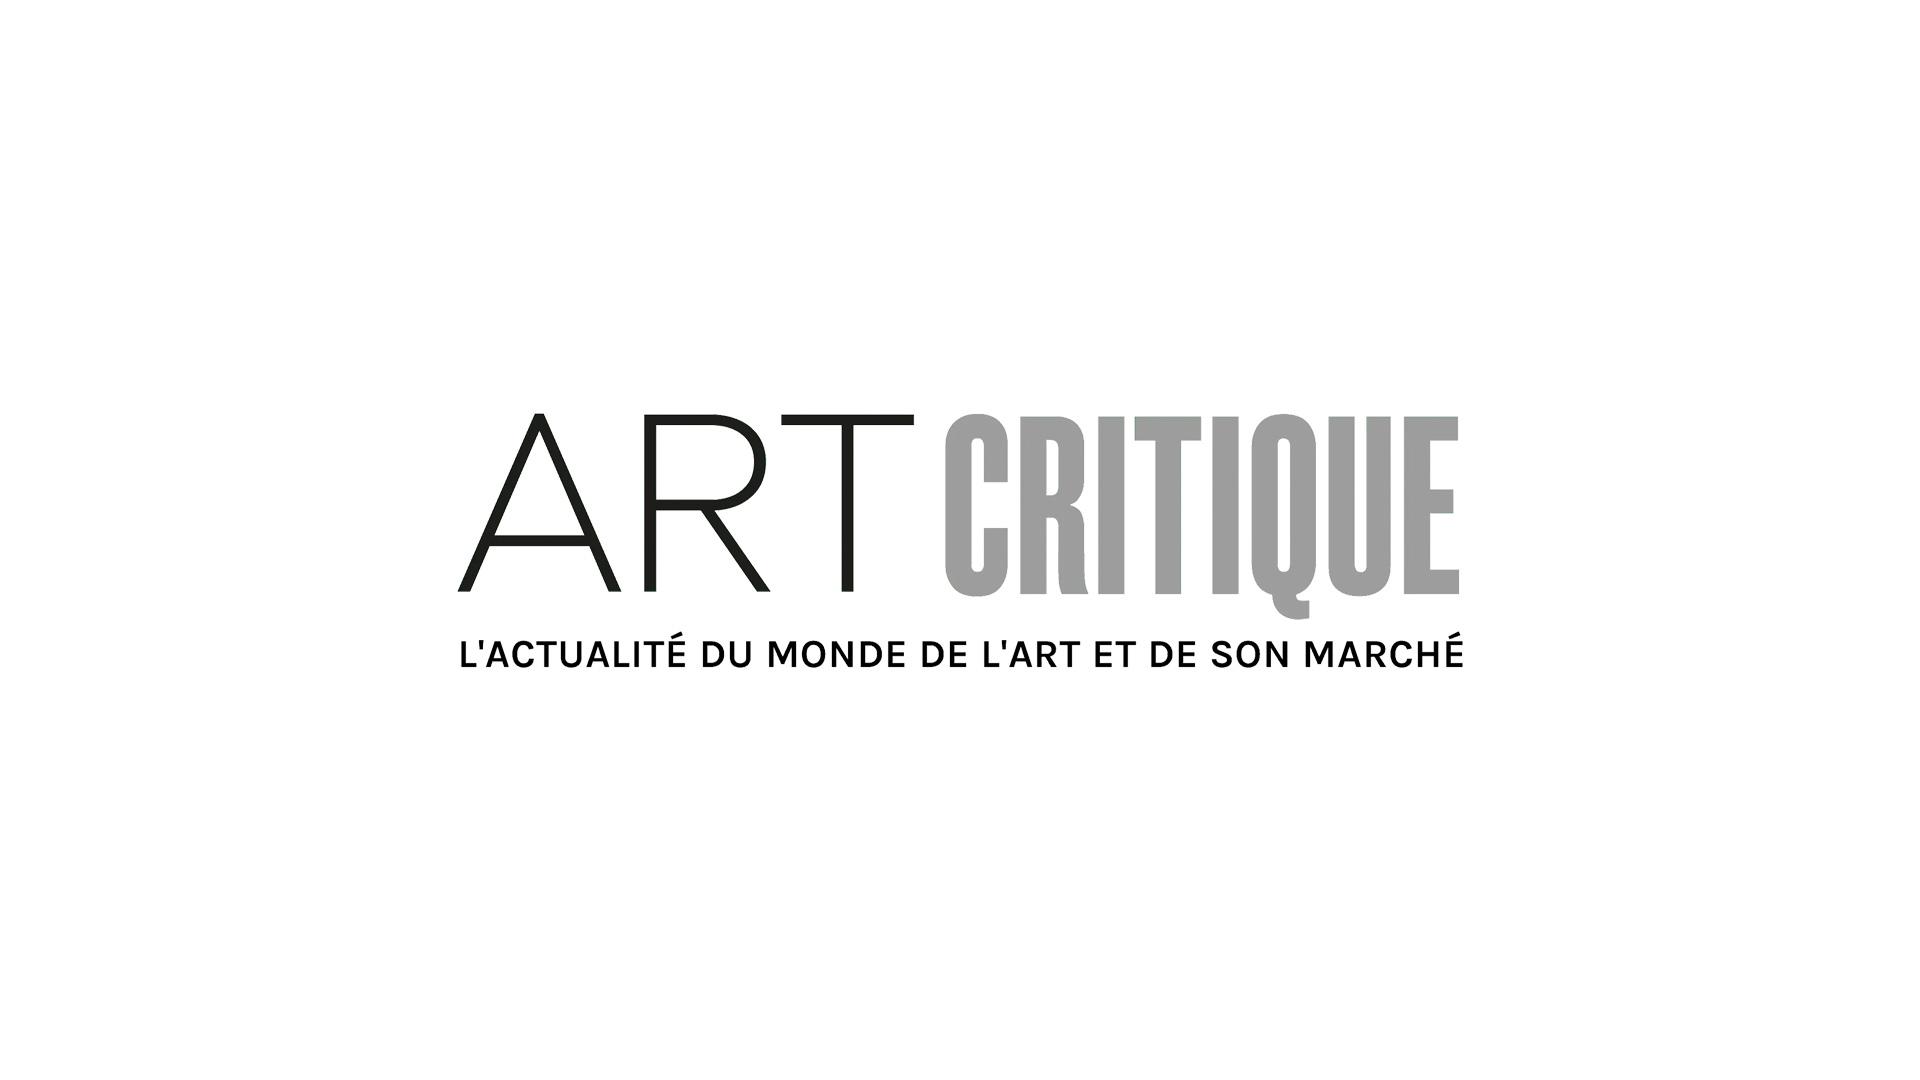 Jean Cocteau, dessinateur et illustrateur